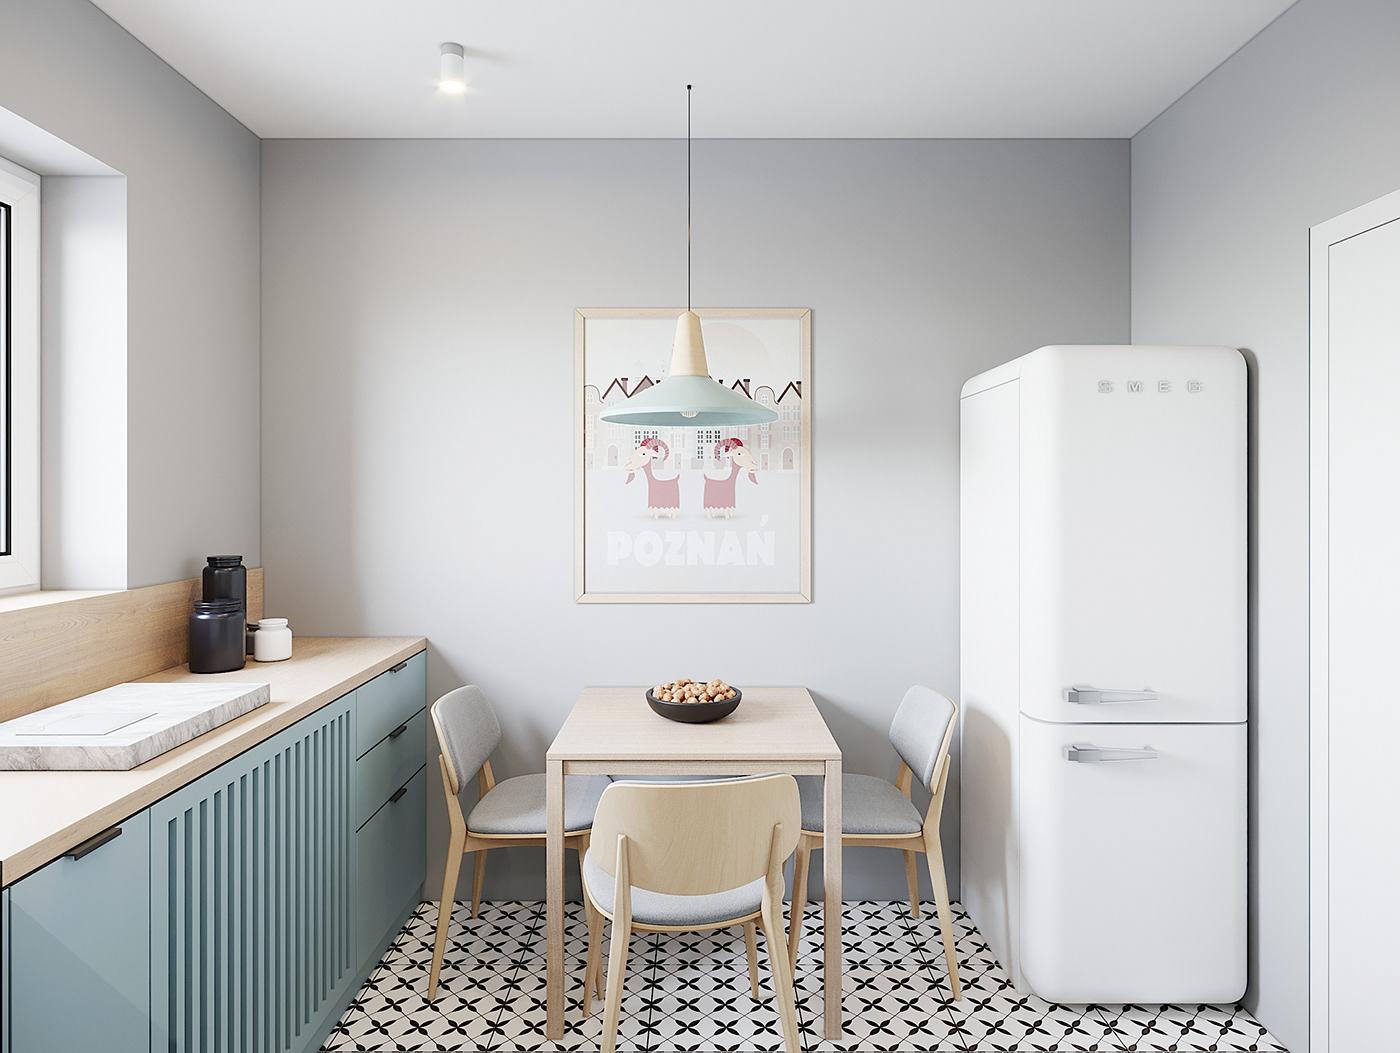 Kiến trúc sư vấn thiết kế căn hộ 67m² 3 phòng ngủ với chi phí 93 triệu đồng - Ảnh 5.